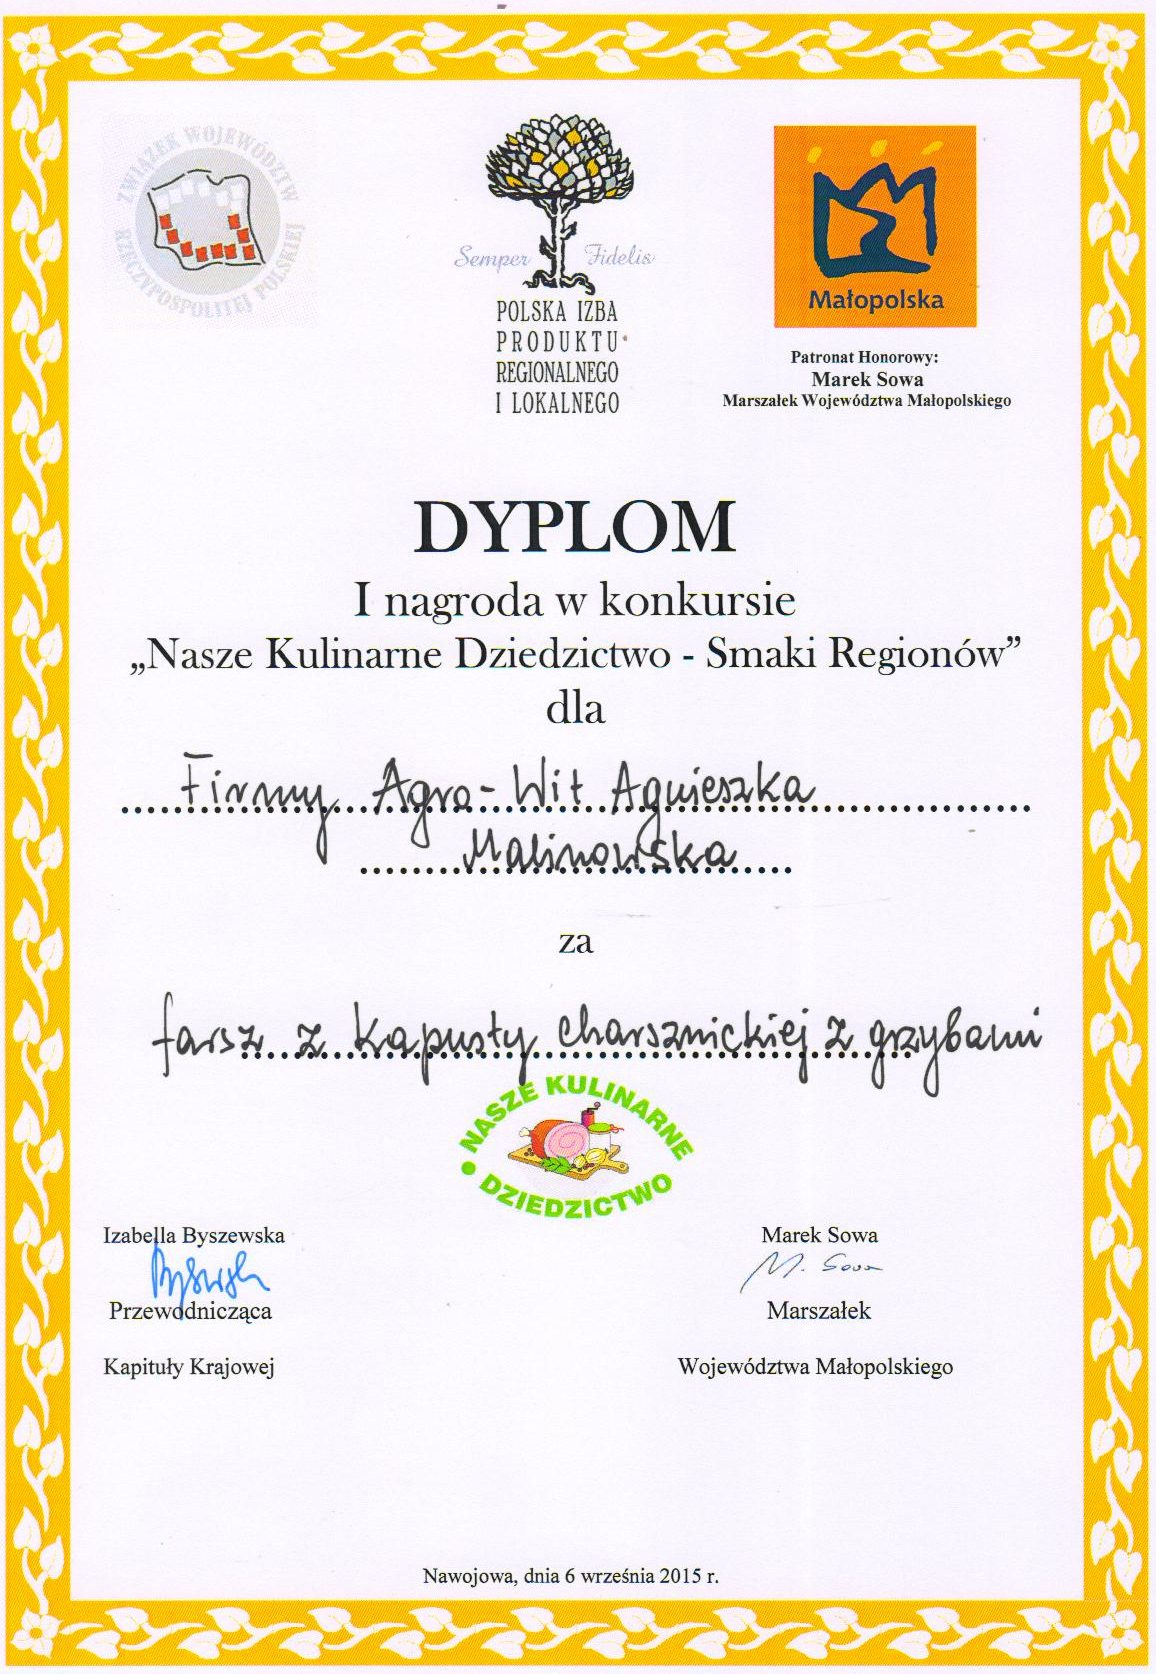 dyplom-kulinarne-dziedzictwo-e1468870332801